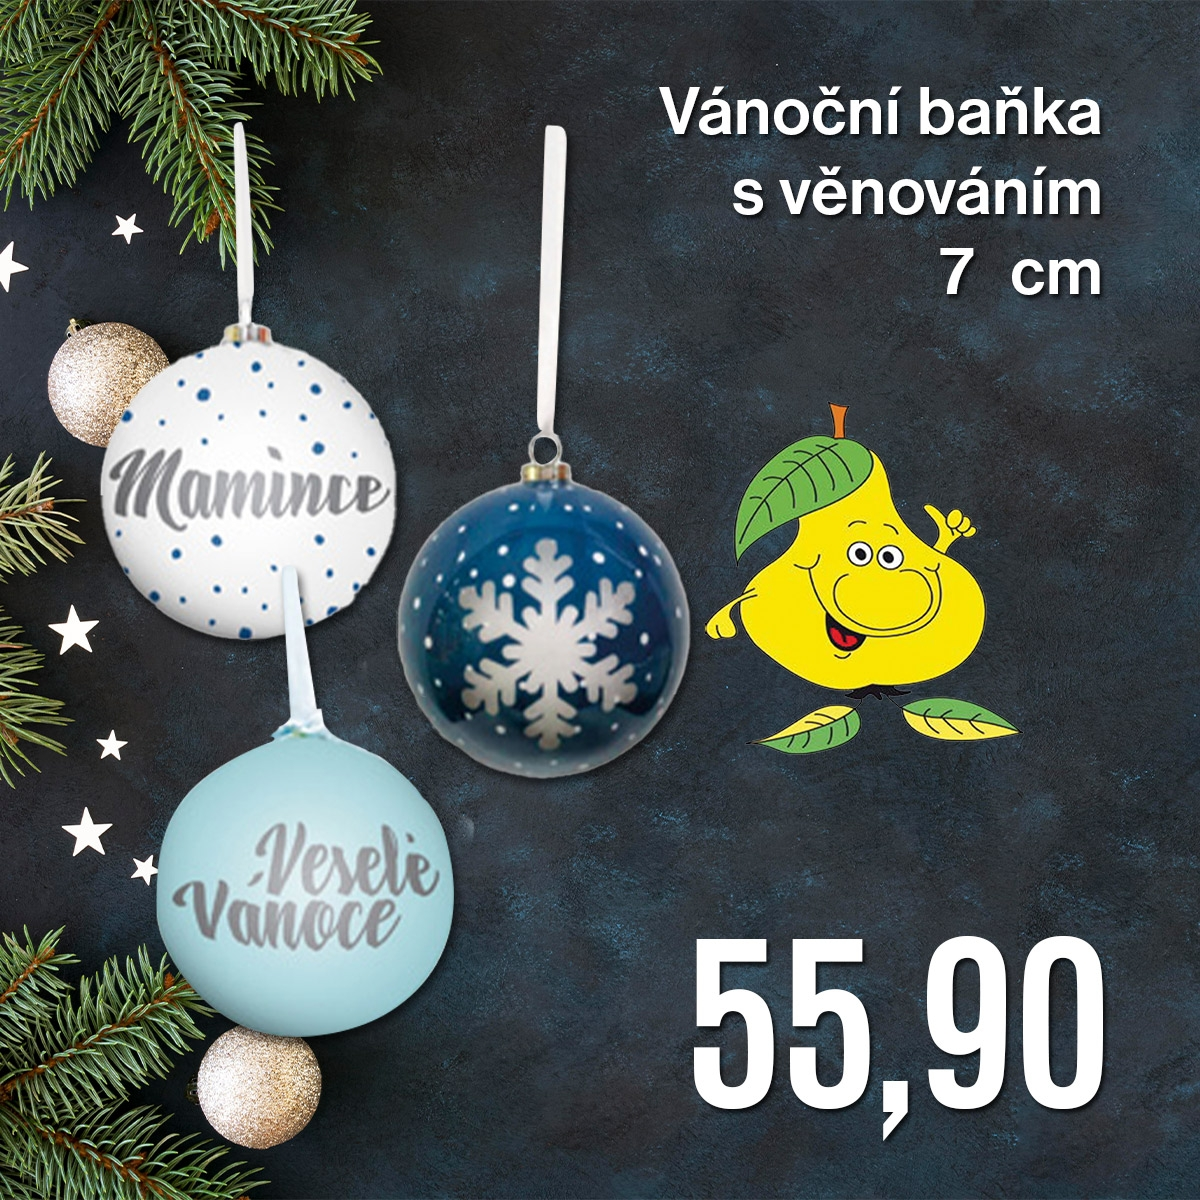 Vánoční baňka s věnováním, 7 cm, vybrané druhy